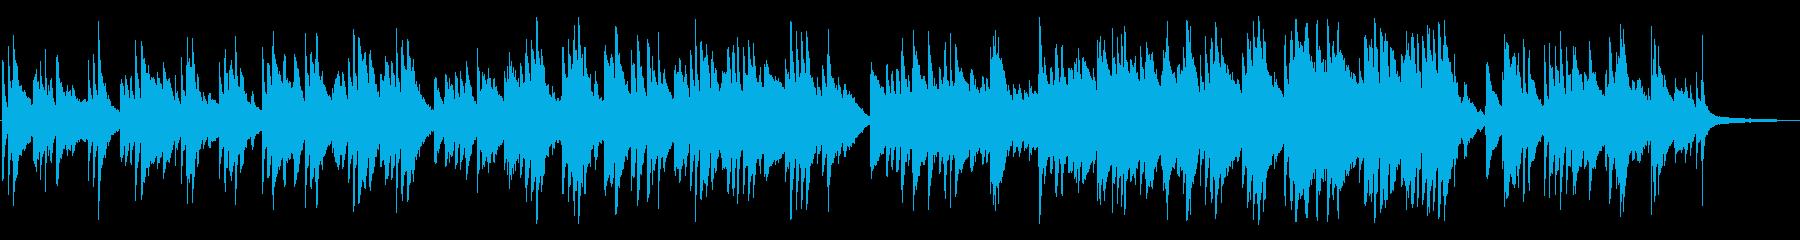 ジブリ的、神秘的なピアノBGMの再生済みの波形